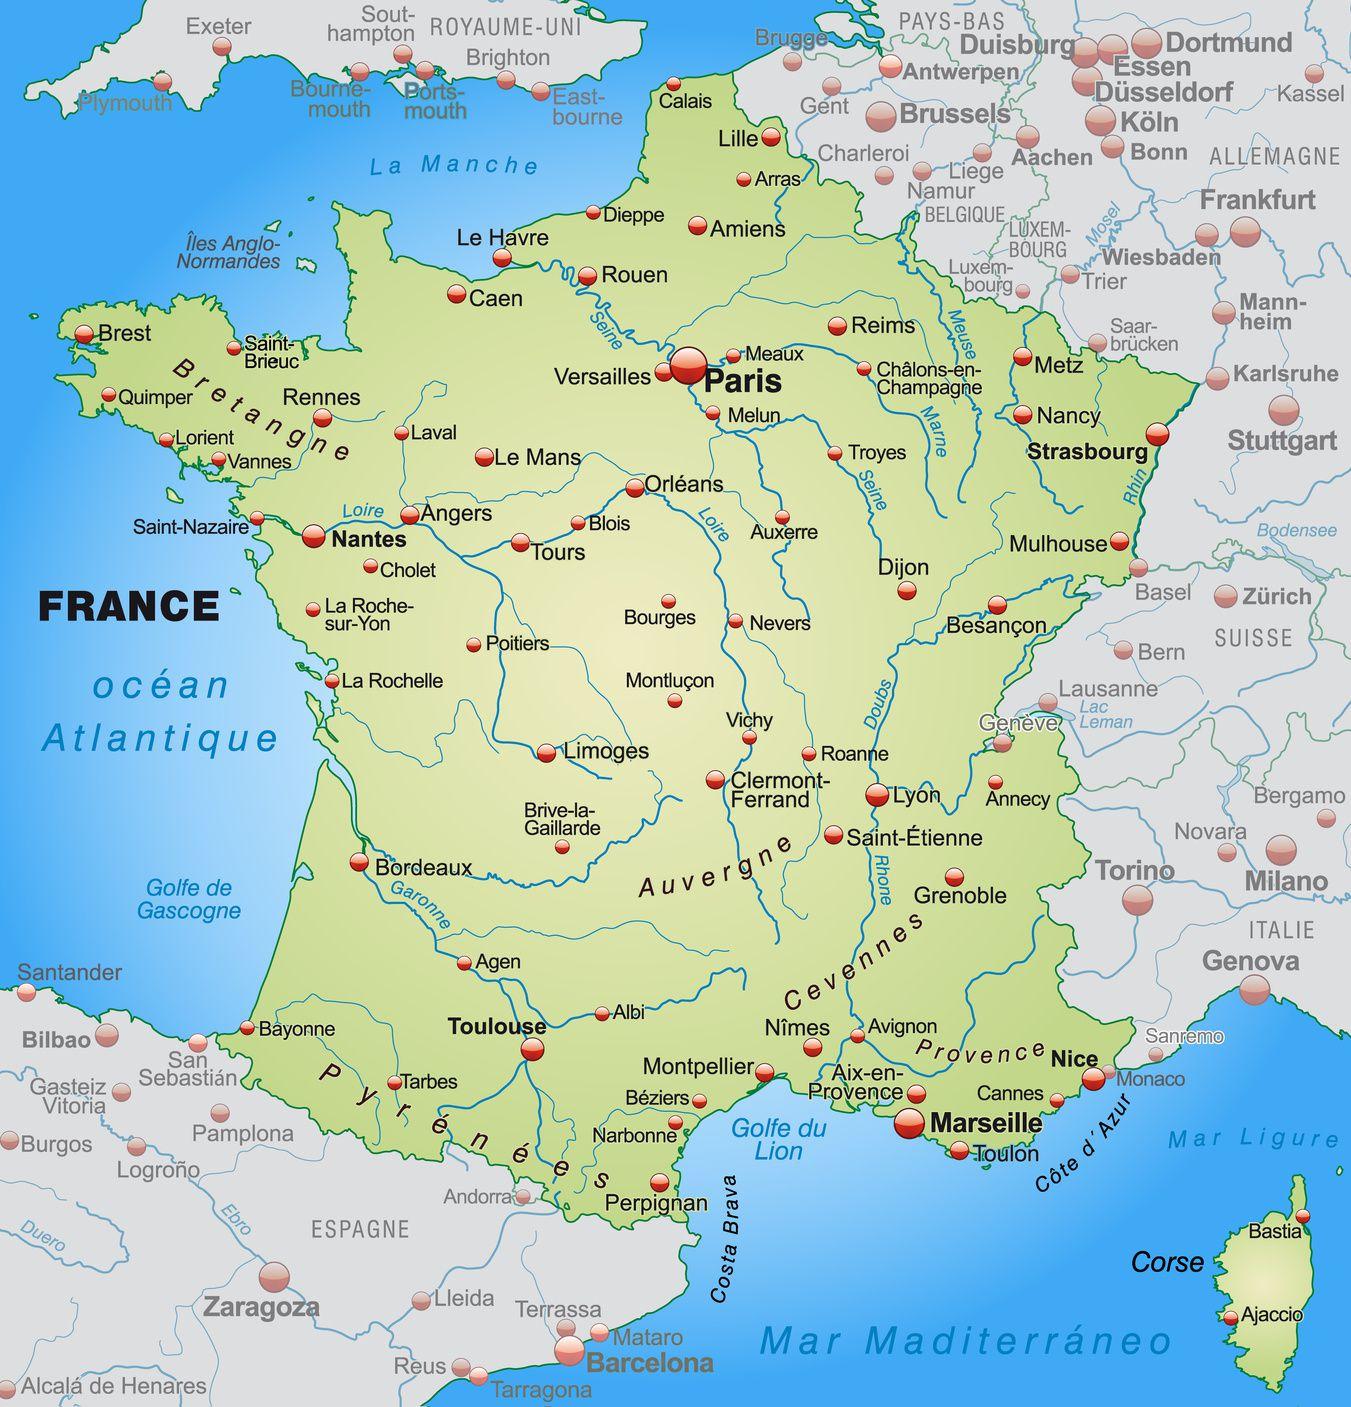 Carte Des Villes De France - Les Plus Grandes Villes Du Pays concernant Carte France Principales Villes